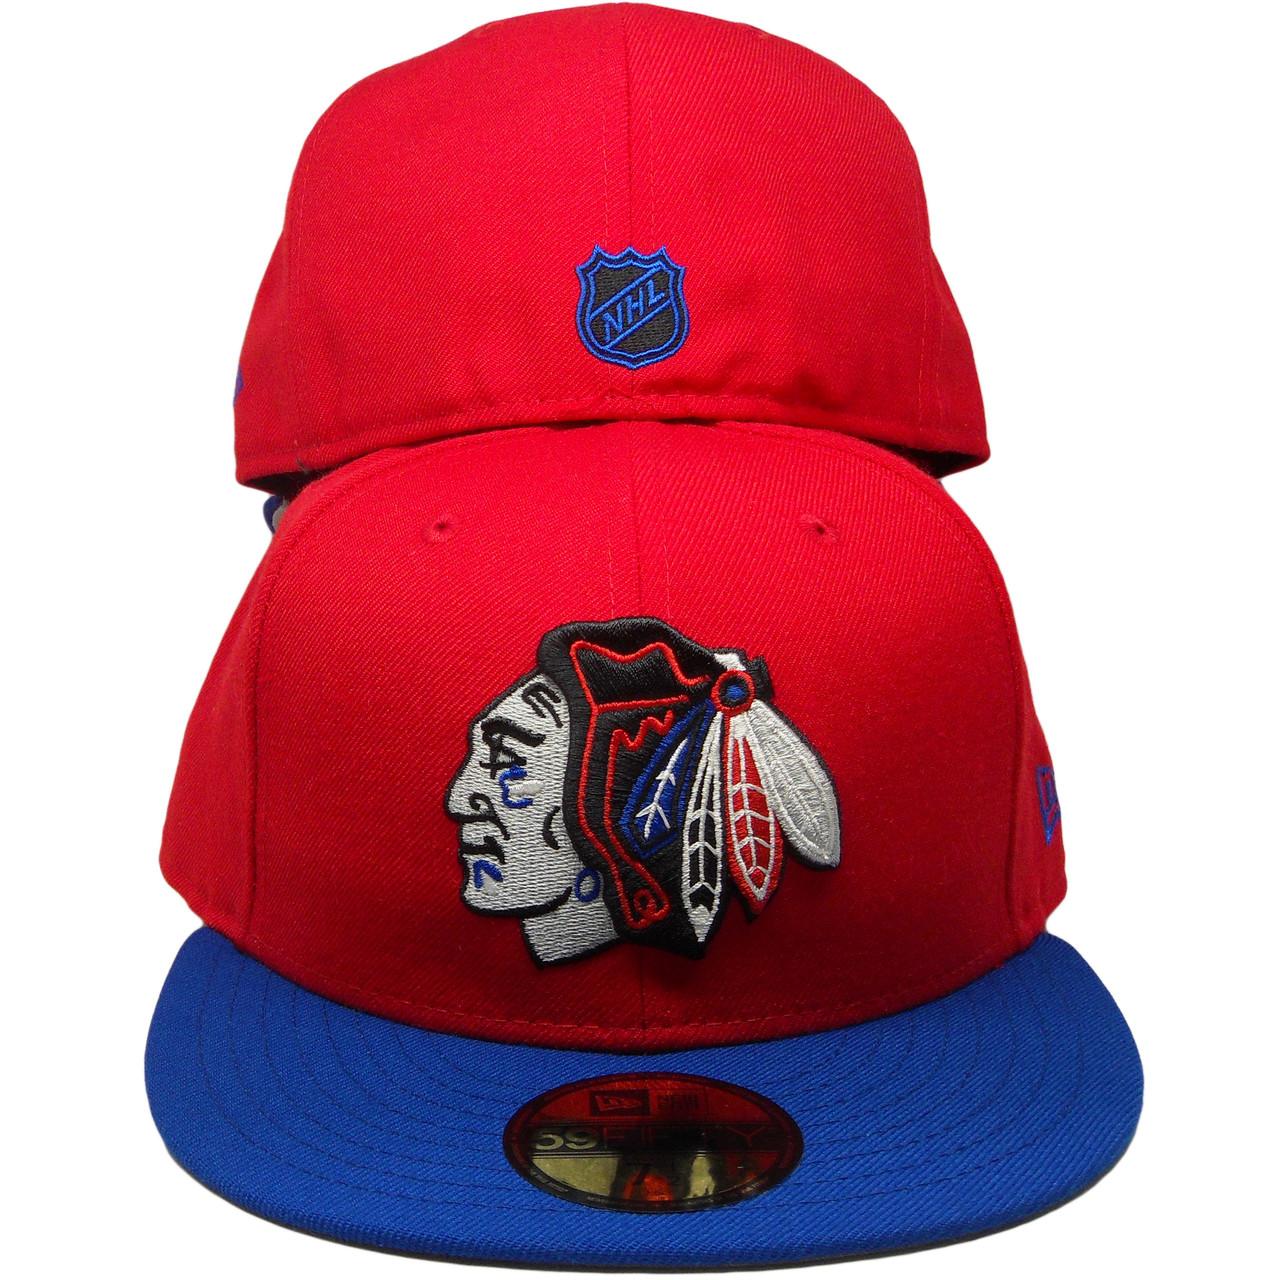 alennuksessa Yhdistynyt kuningaskunta myyntipisteiden myynti Chicago Blackhawks New Era Custom 59Fifty Fitted Hat - Red, Royal, Black